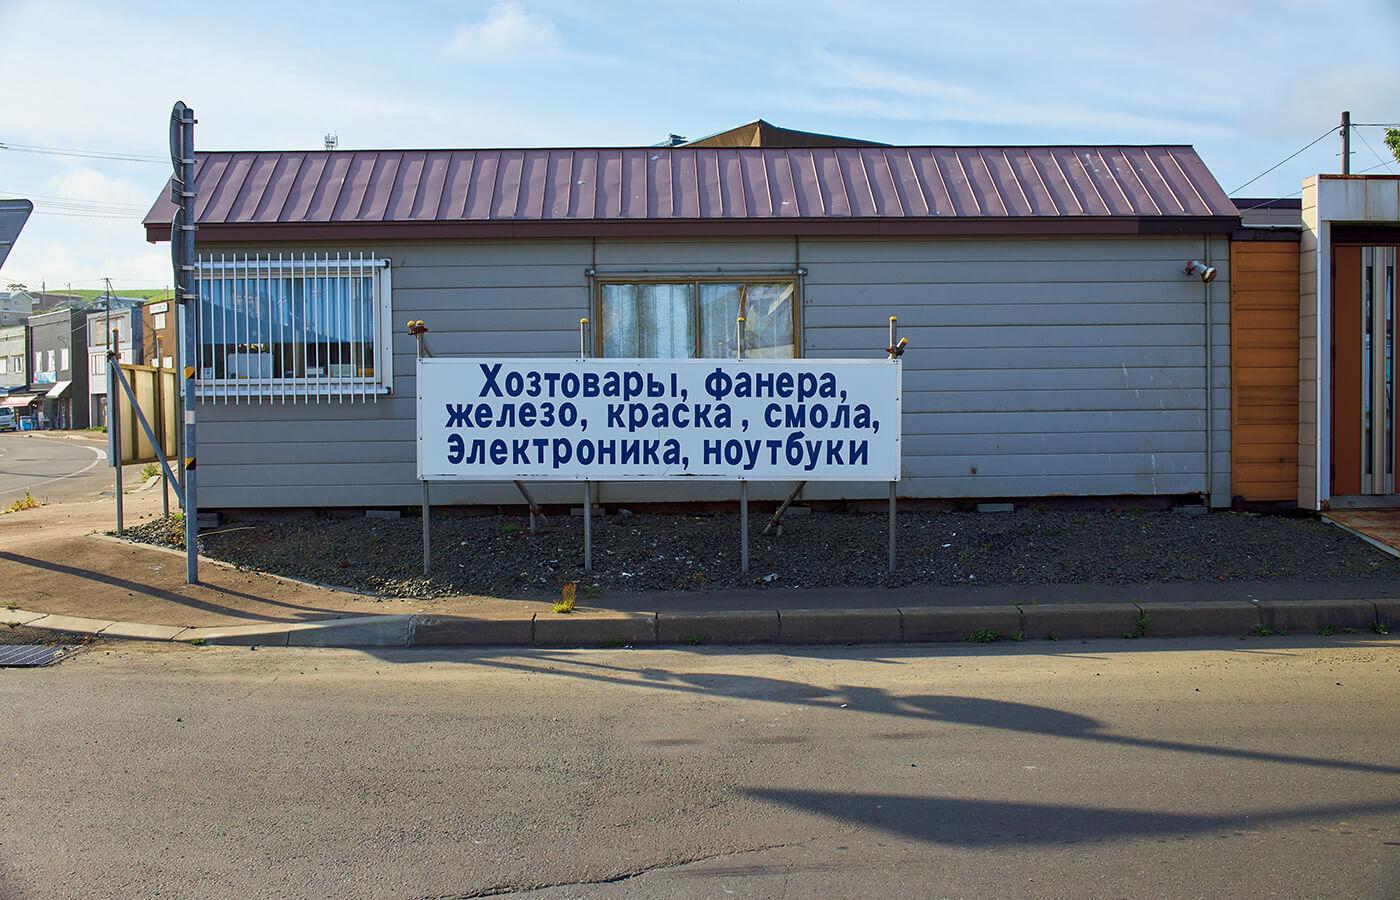 花咲港にはロシア漁船が寄港するので、市内の標識や看板は日本語、英語、ロシア語が併記されていることも多い。写真の看板は日用品の広告らしい。こんな光景が日常にあるのも異国情緒を演出するのかもしれない。